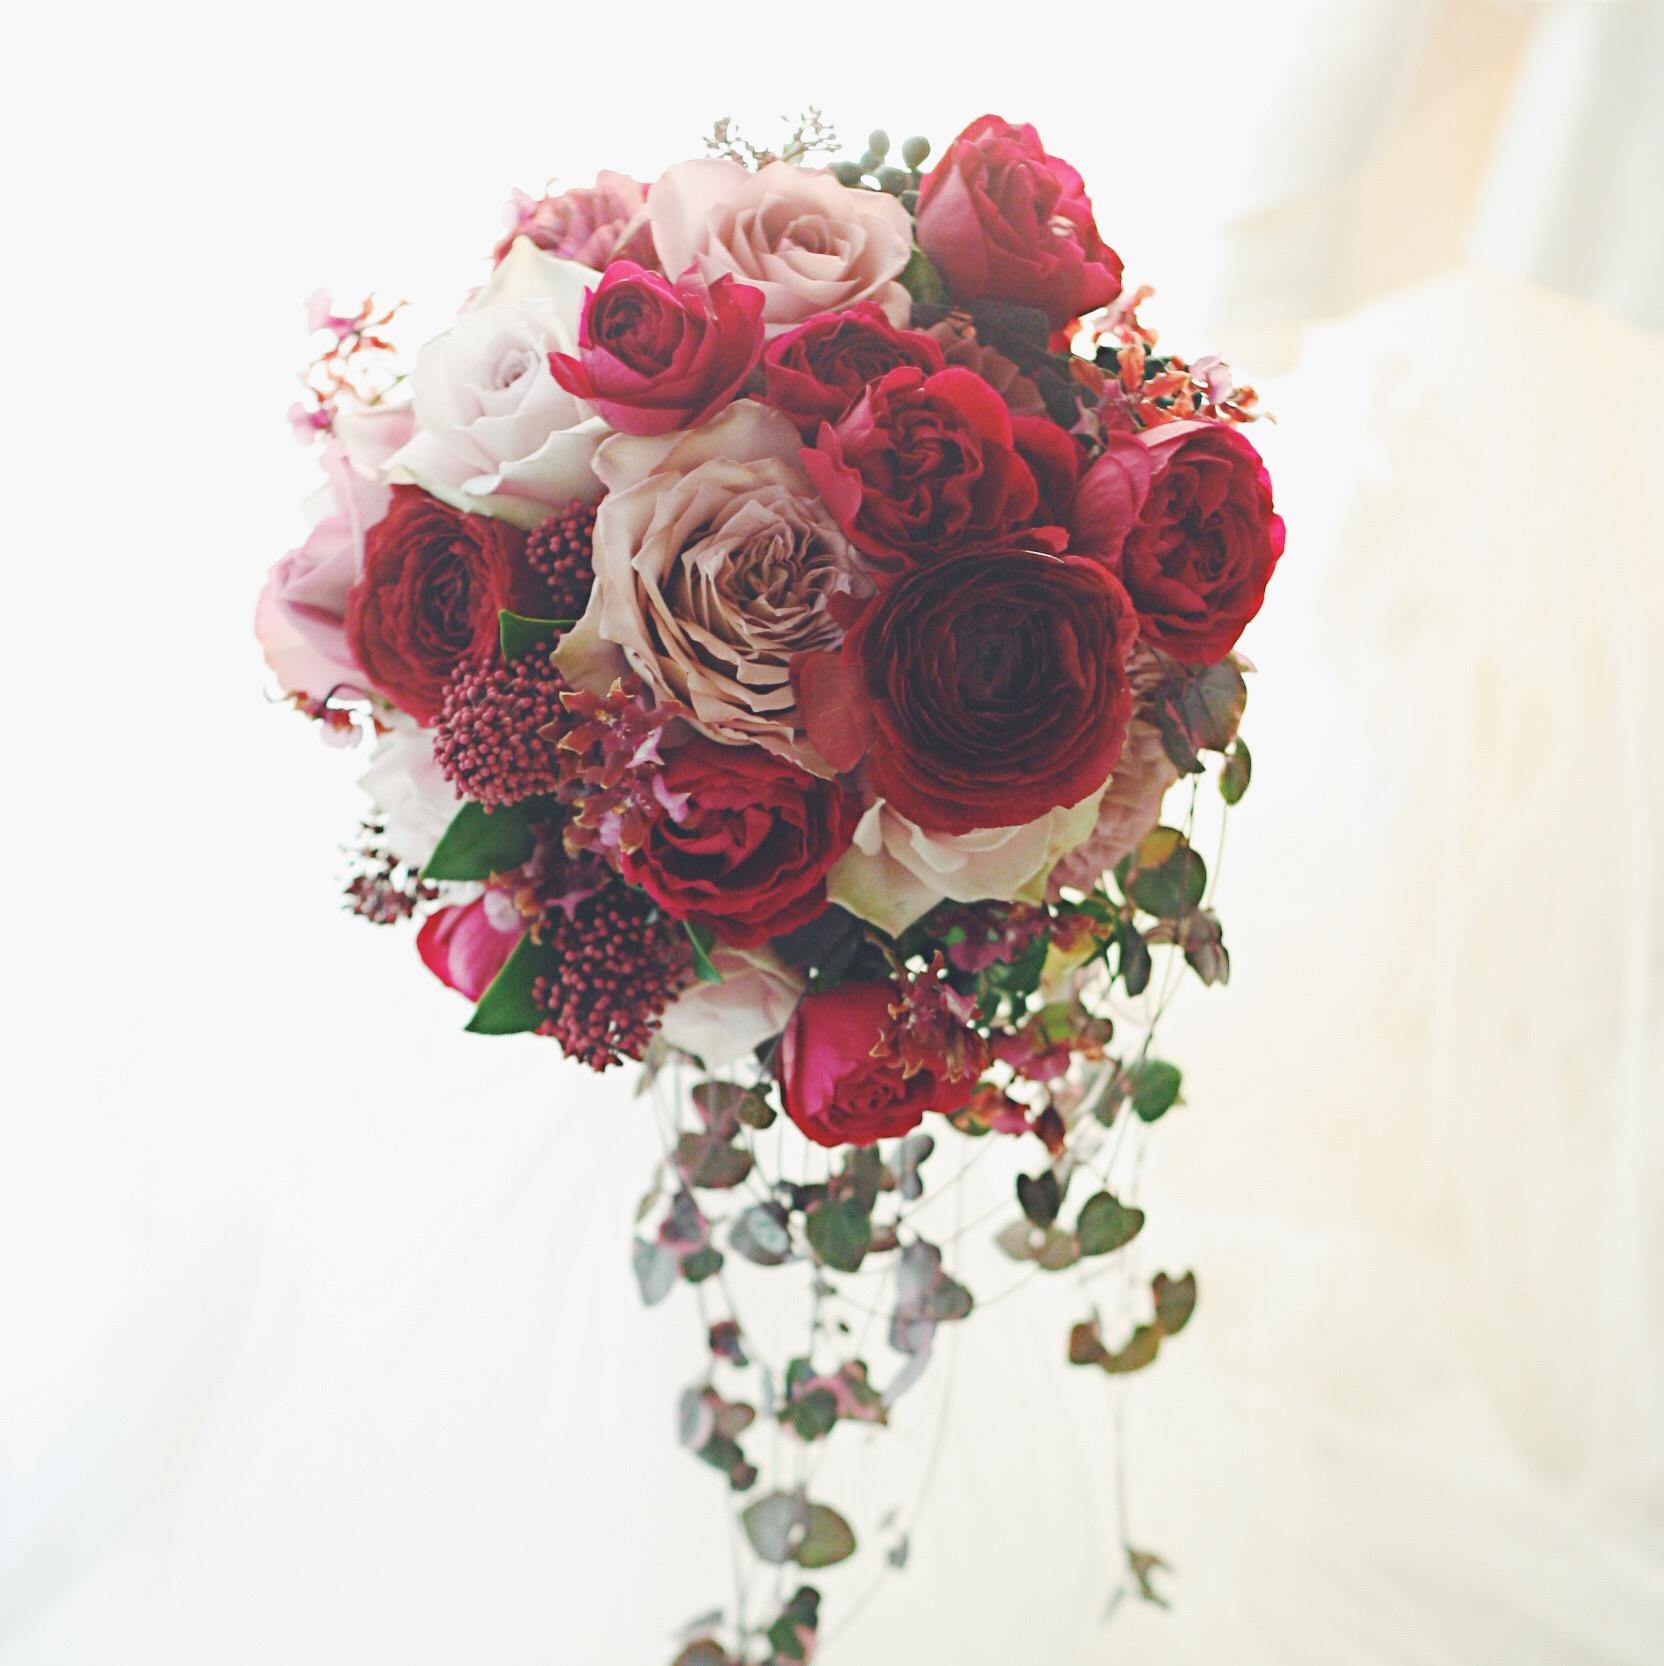 ブーケ、冬のバラ、冬のボルドー_a0042928_229814.jpg